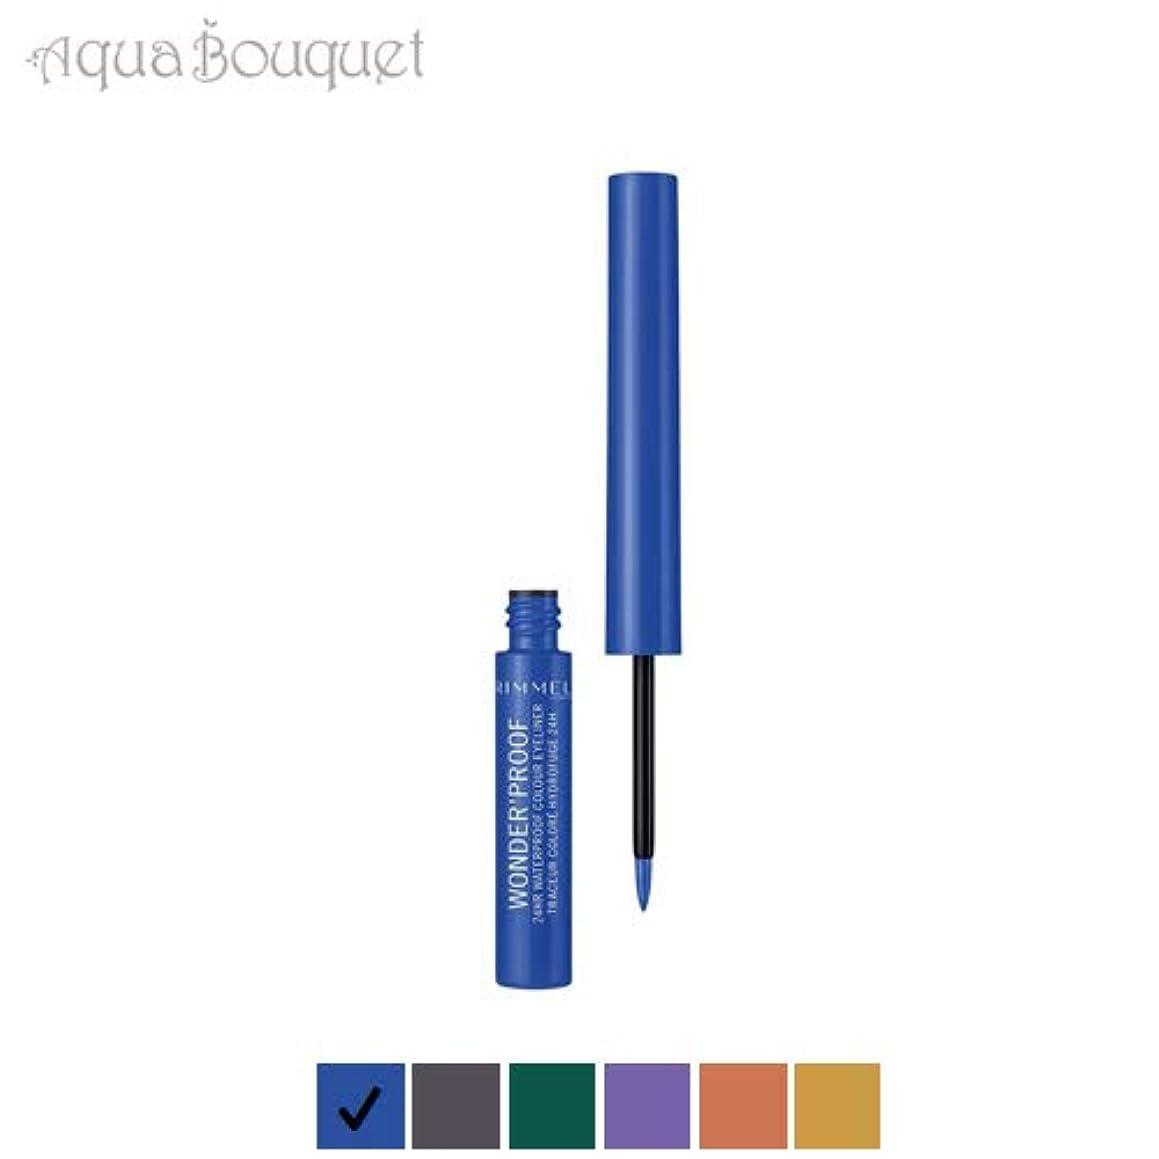 空中共和国ハッピーリンメル ワンダープルーフ アイライナー ウォータープルーフ ピュア ブルー (05 PURE BLUE) RIMMEL WONDER'PROOF 24HR WP EYELINER [並行輸入品]